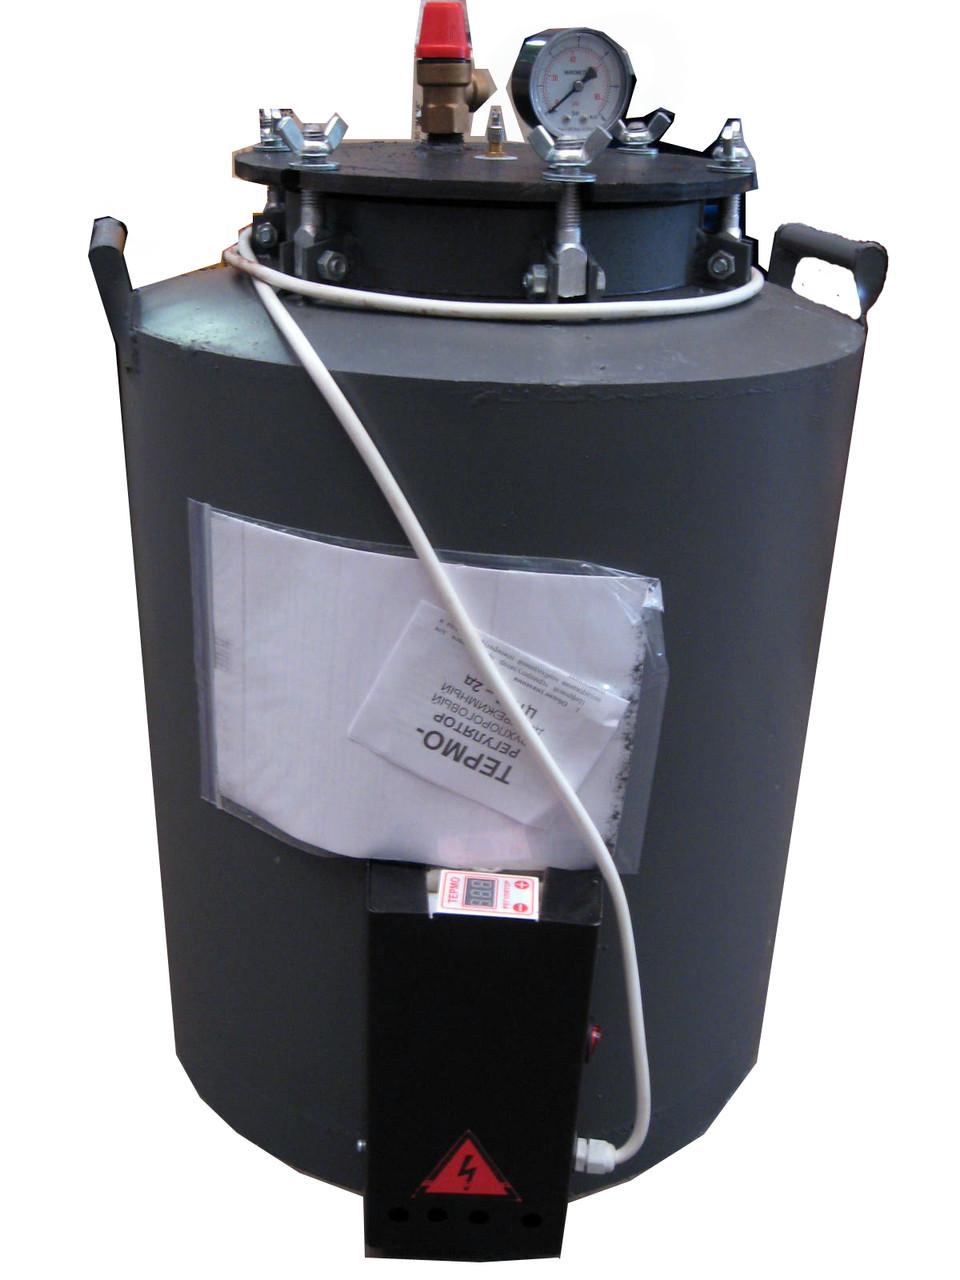 Автоклав электрический на болтах для домашнего консерви (16 литровых и 24 поллитровых банок) Харьков